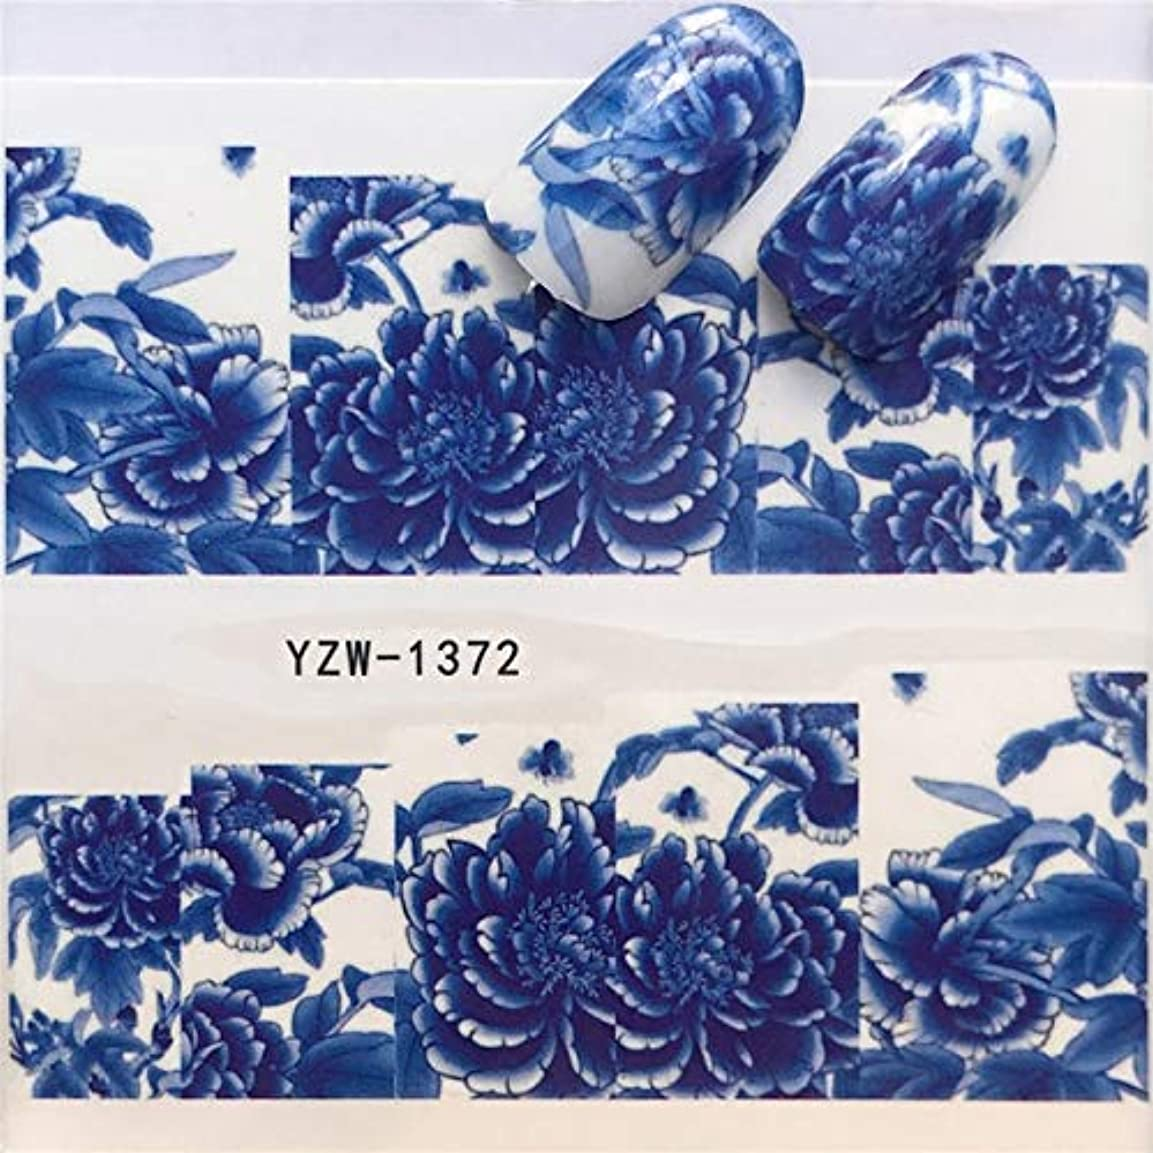 哀それに応じて飢えビューティー&パーソナルケア 3個ネイルステッカーセットデカール水転写スライダーネイルアートデコレーション、色:YZW 1372 ステッカー&デカール